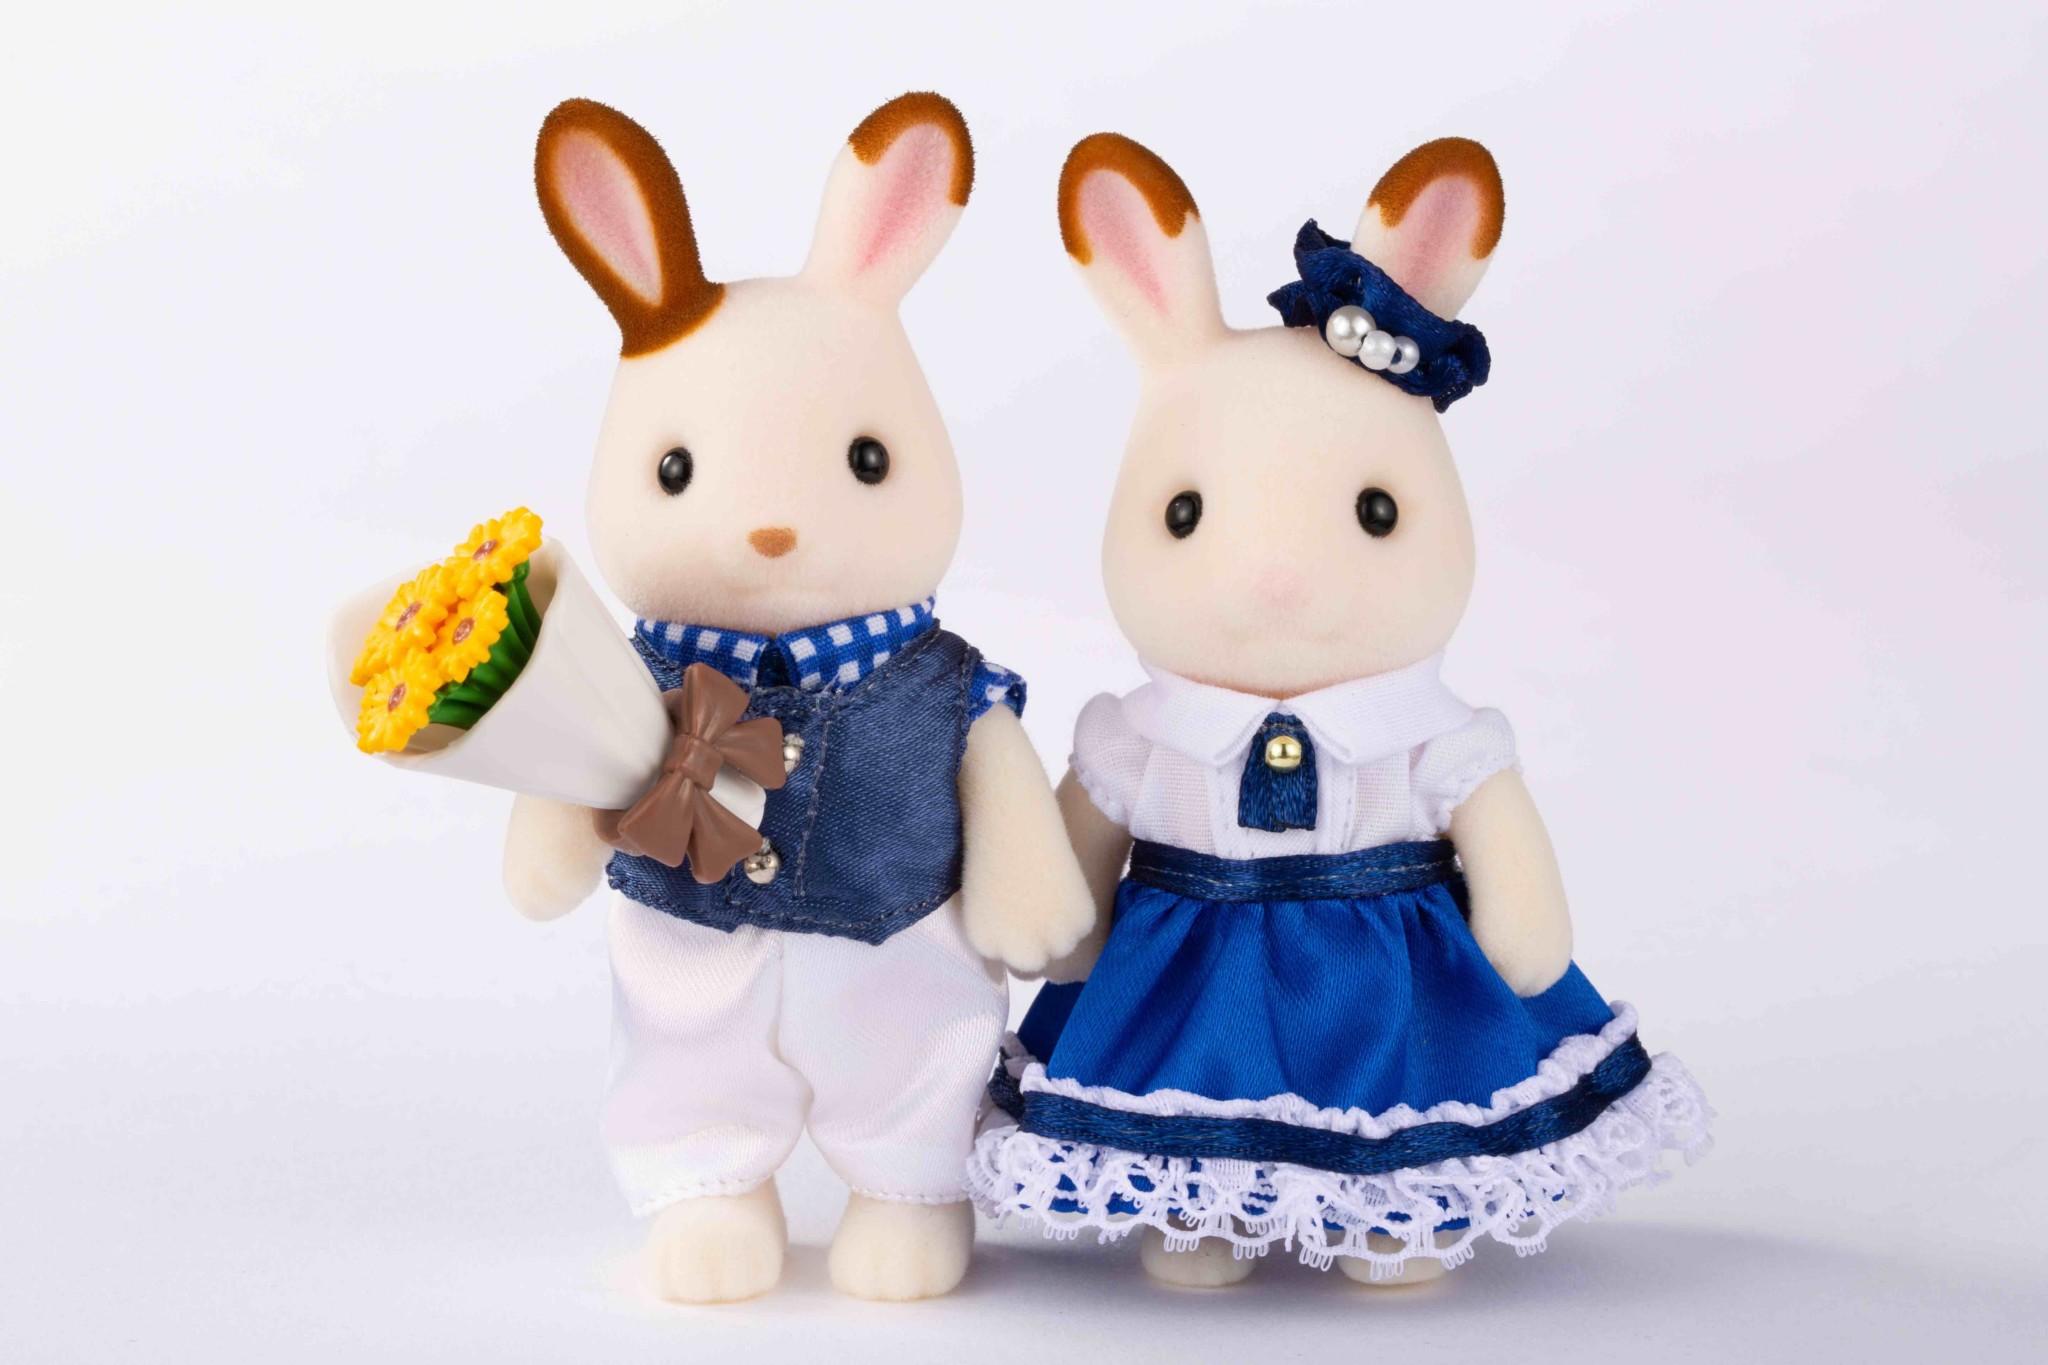 10展覧会限定人形 キュートカップル